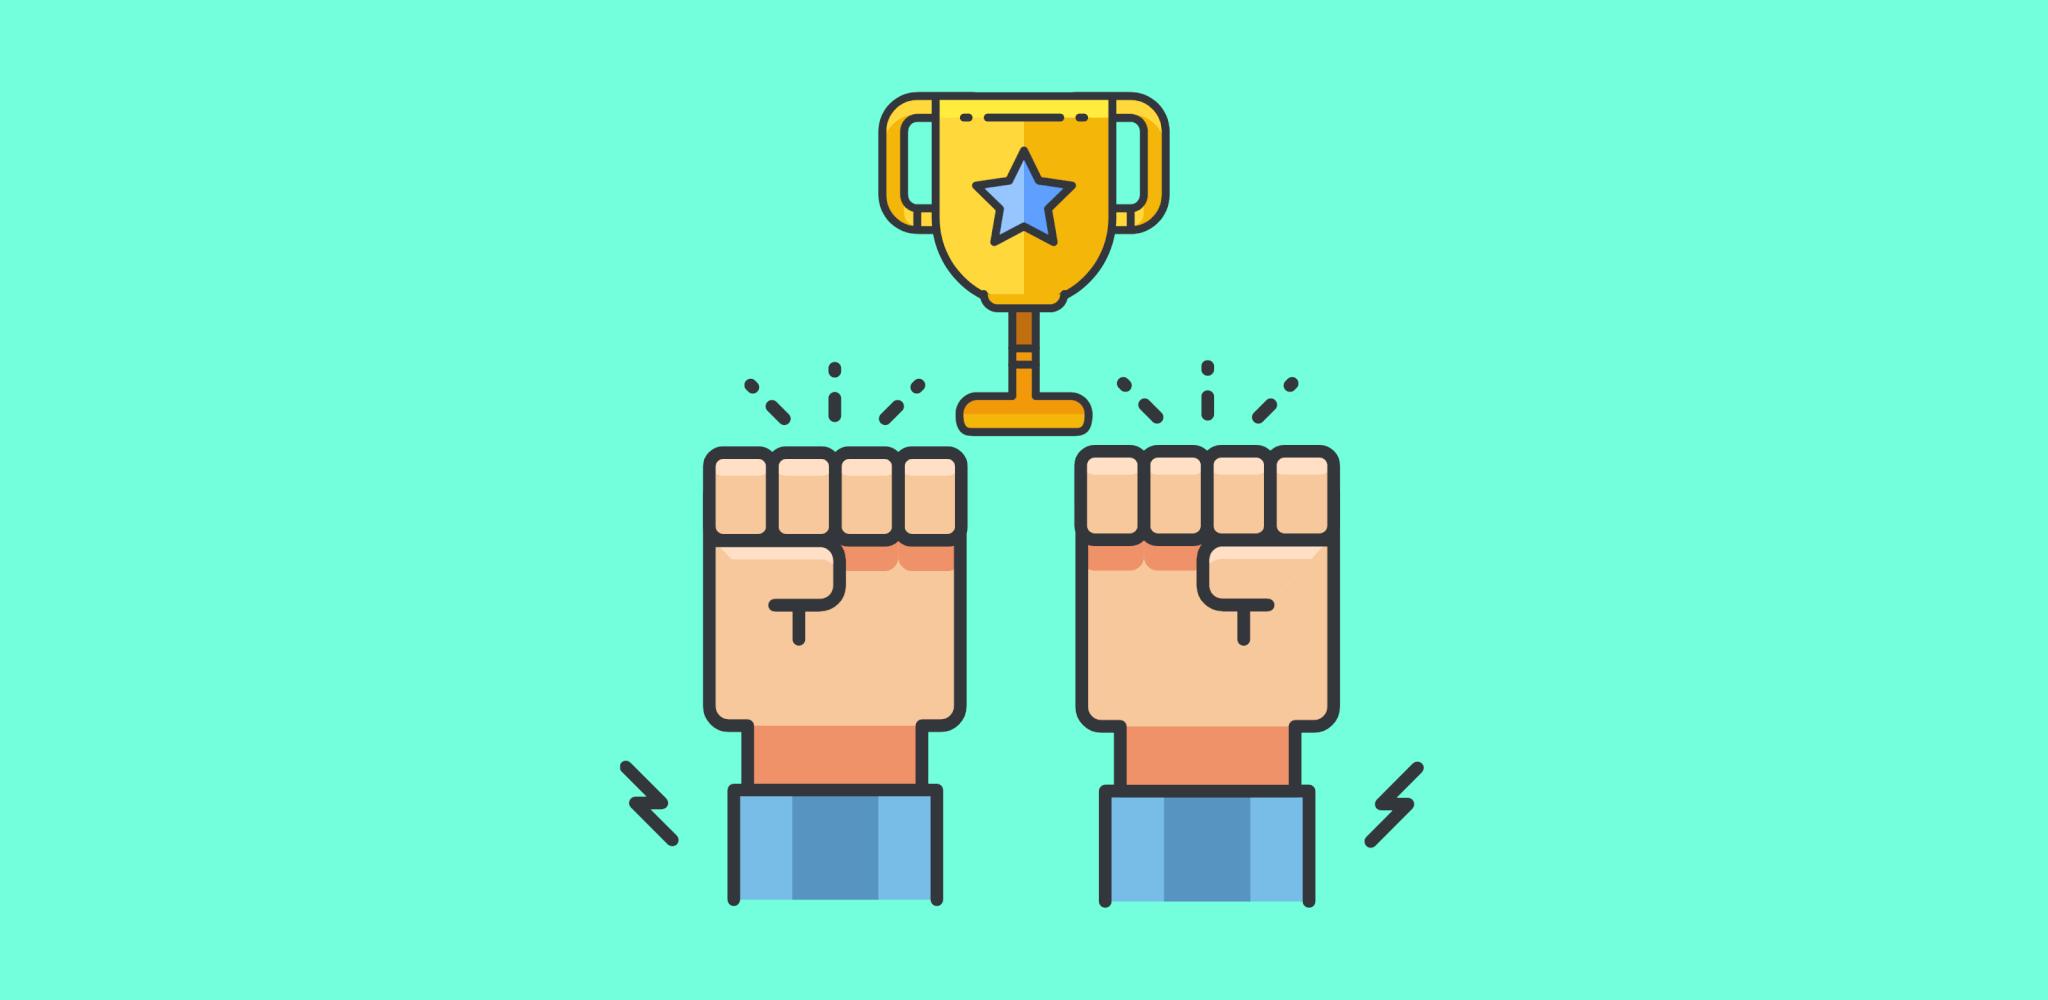 Sales team motivation the. Goals clipart sale goal